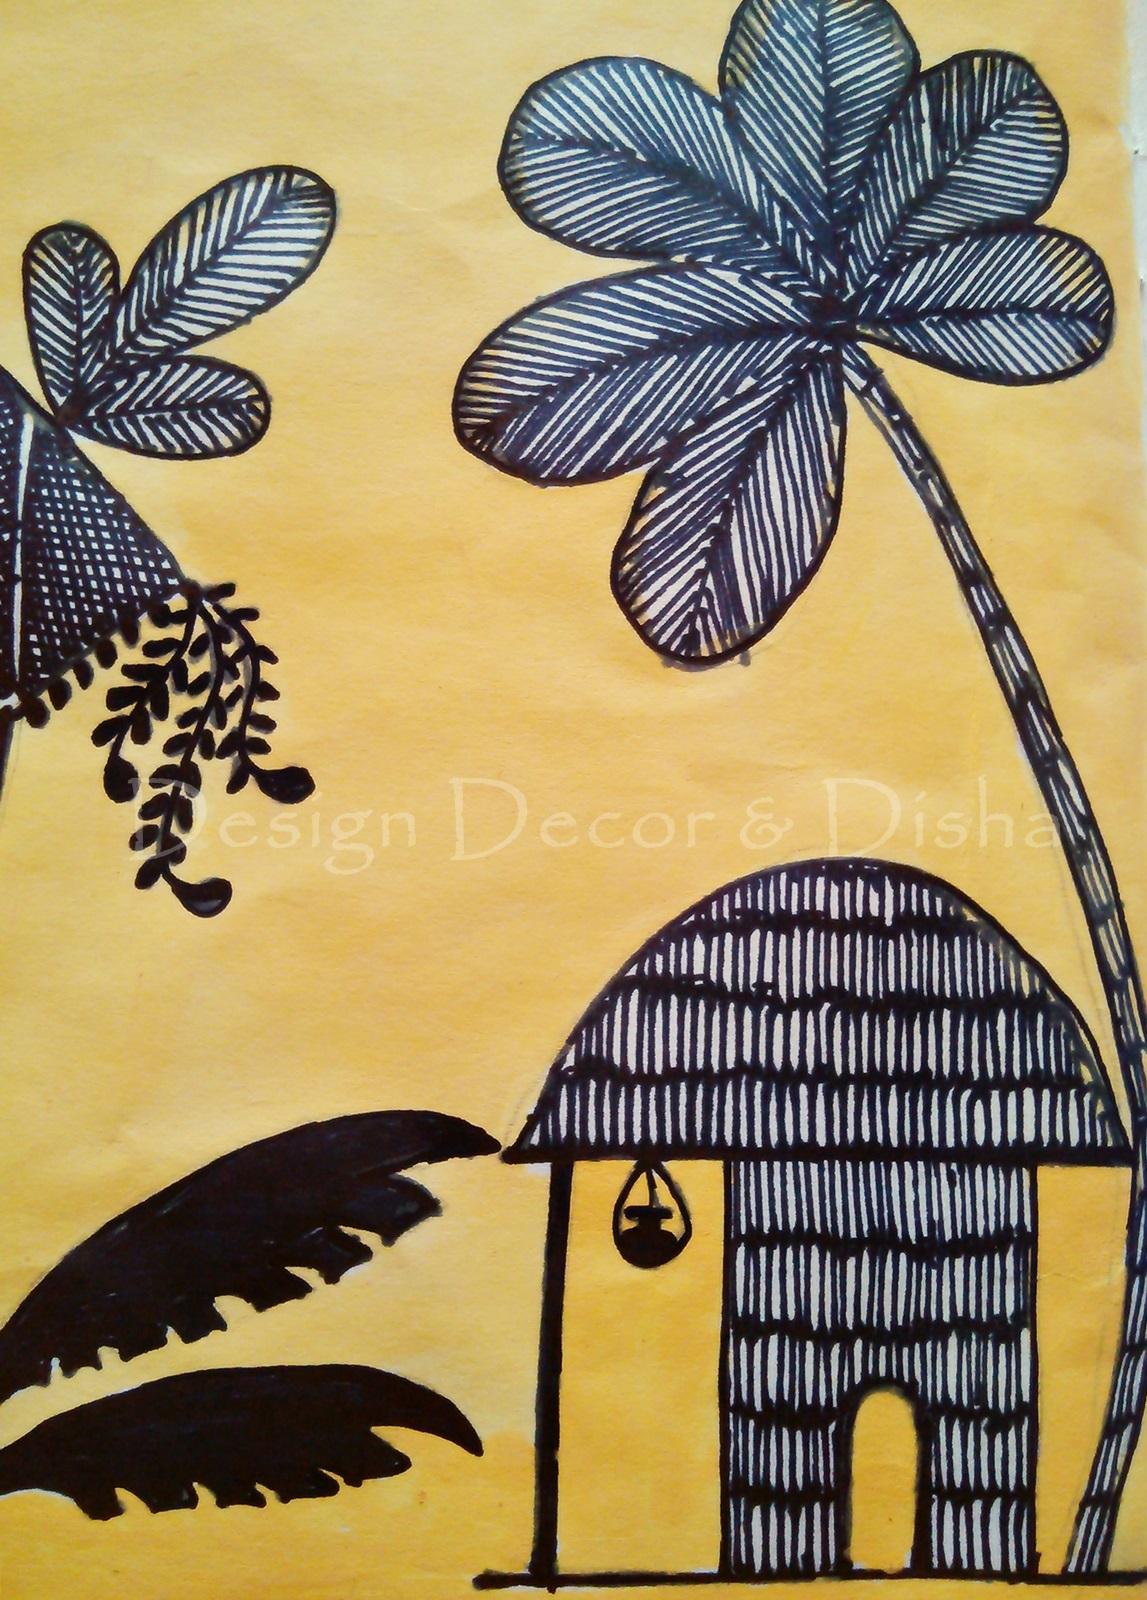 Design Decor Disha An Indian Design Decor Blog Warli Art My